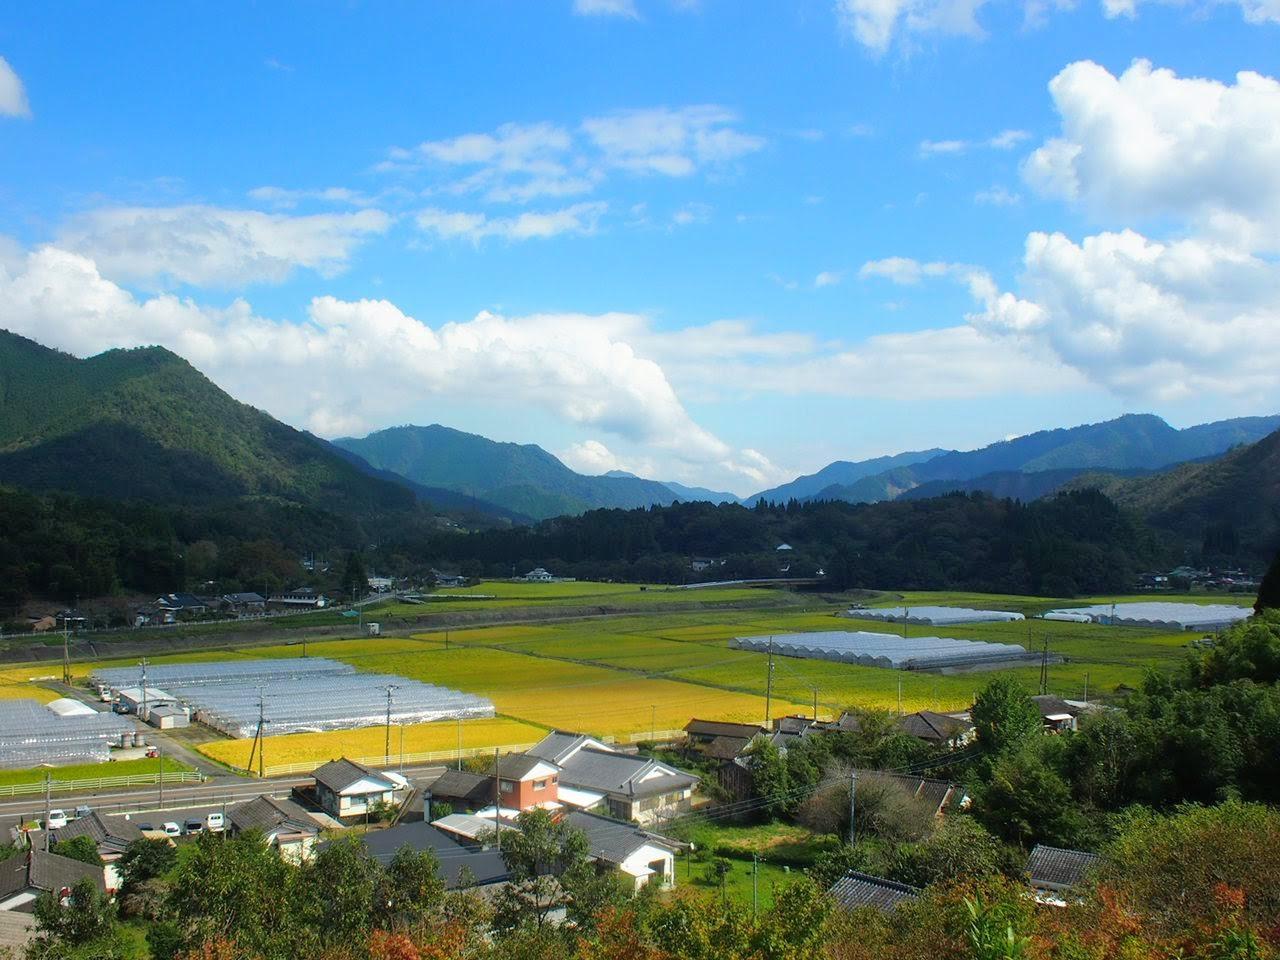 日本の美しさを感じる場所 すきむらんどで遊ぶ 小林市須木(こばやしし ...